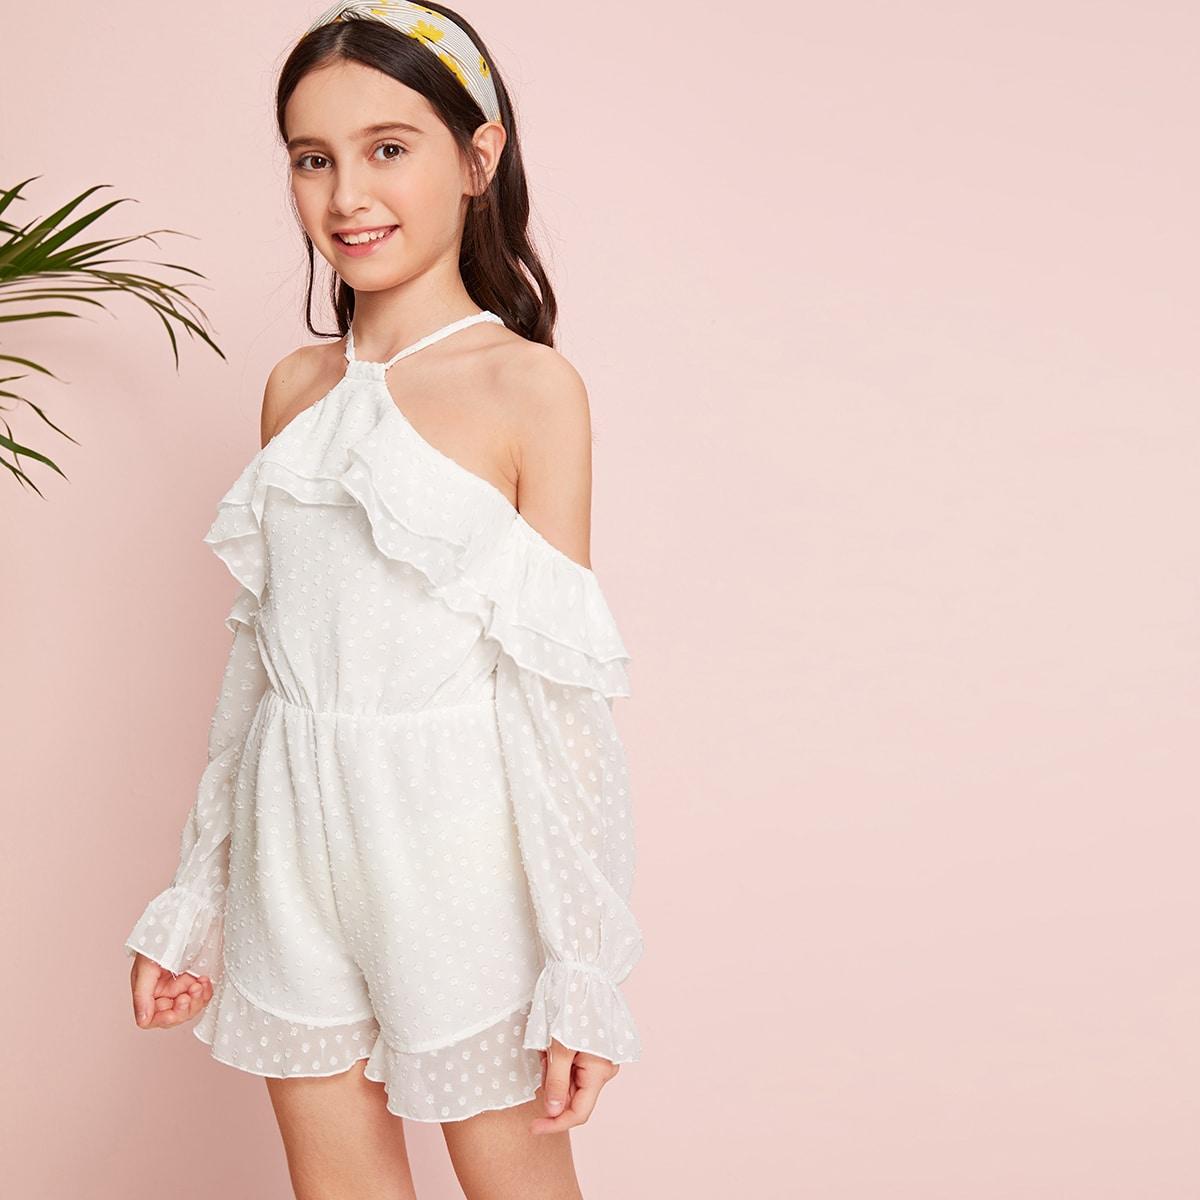 Комбинезон с открытыми плечами и оборками для девочек от SHEIN